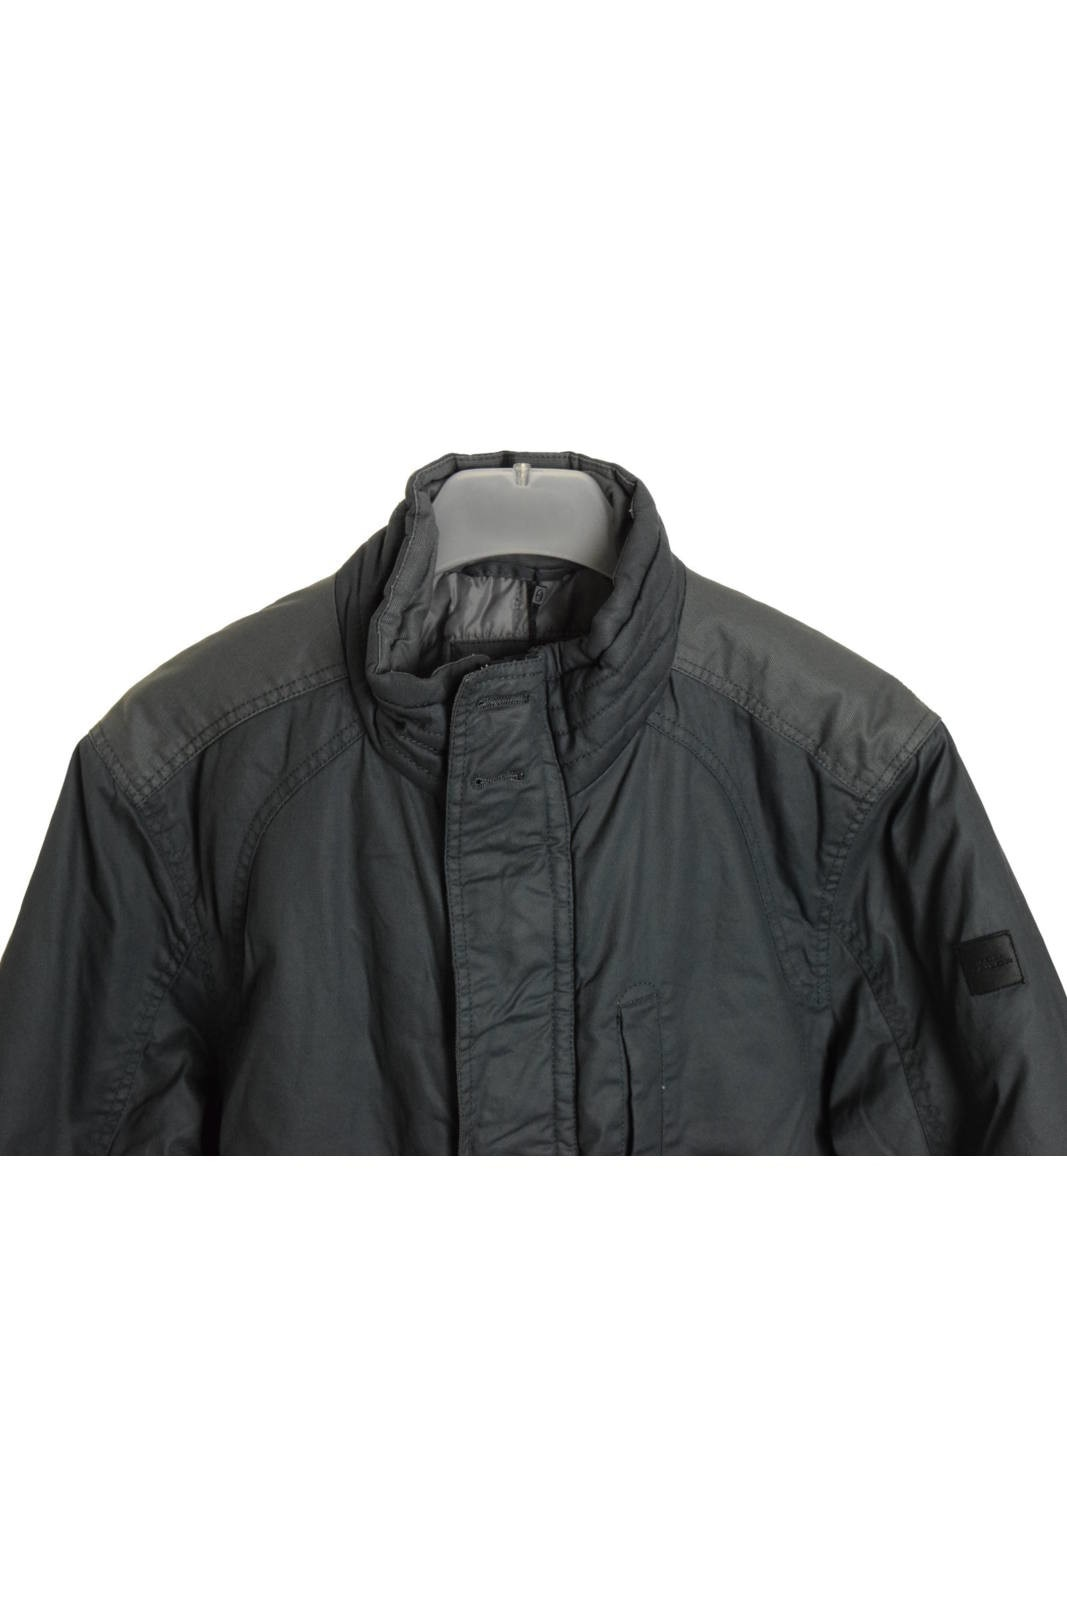 Tom Tailor szürkéskék férfi kabát eMAG.hu